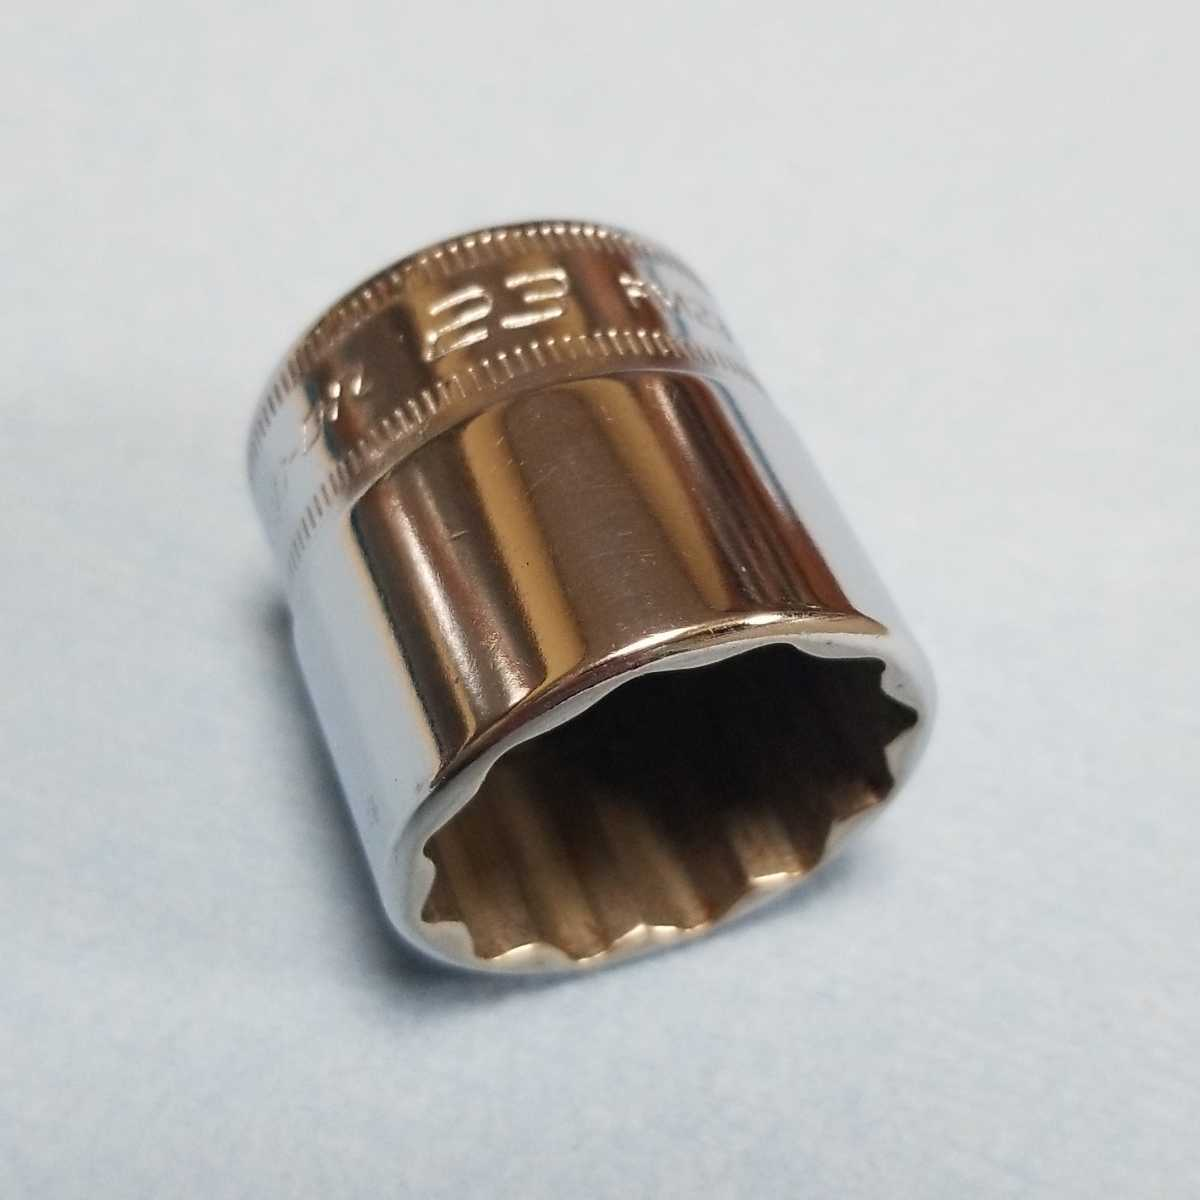 未使用 23mm 3/8 シャロー スナップオン FM23 (12角) 新品 保管品 SNAPON SNAP-ON シャローソケット ソケット 送料無料 Snap-on _画像1